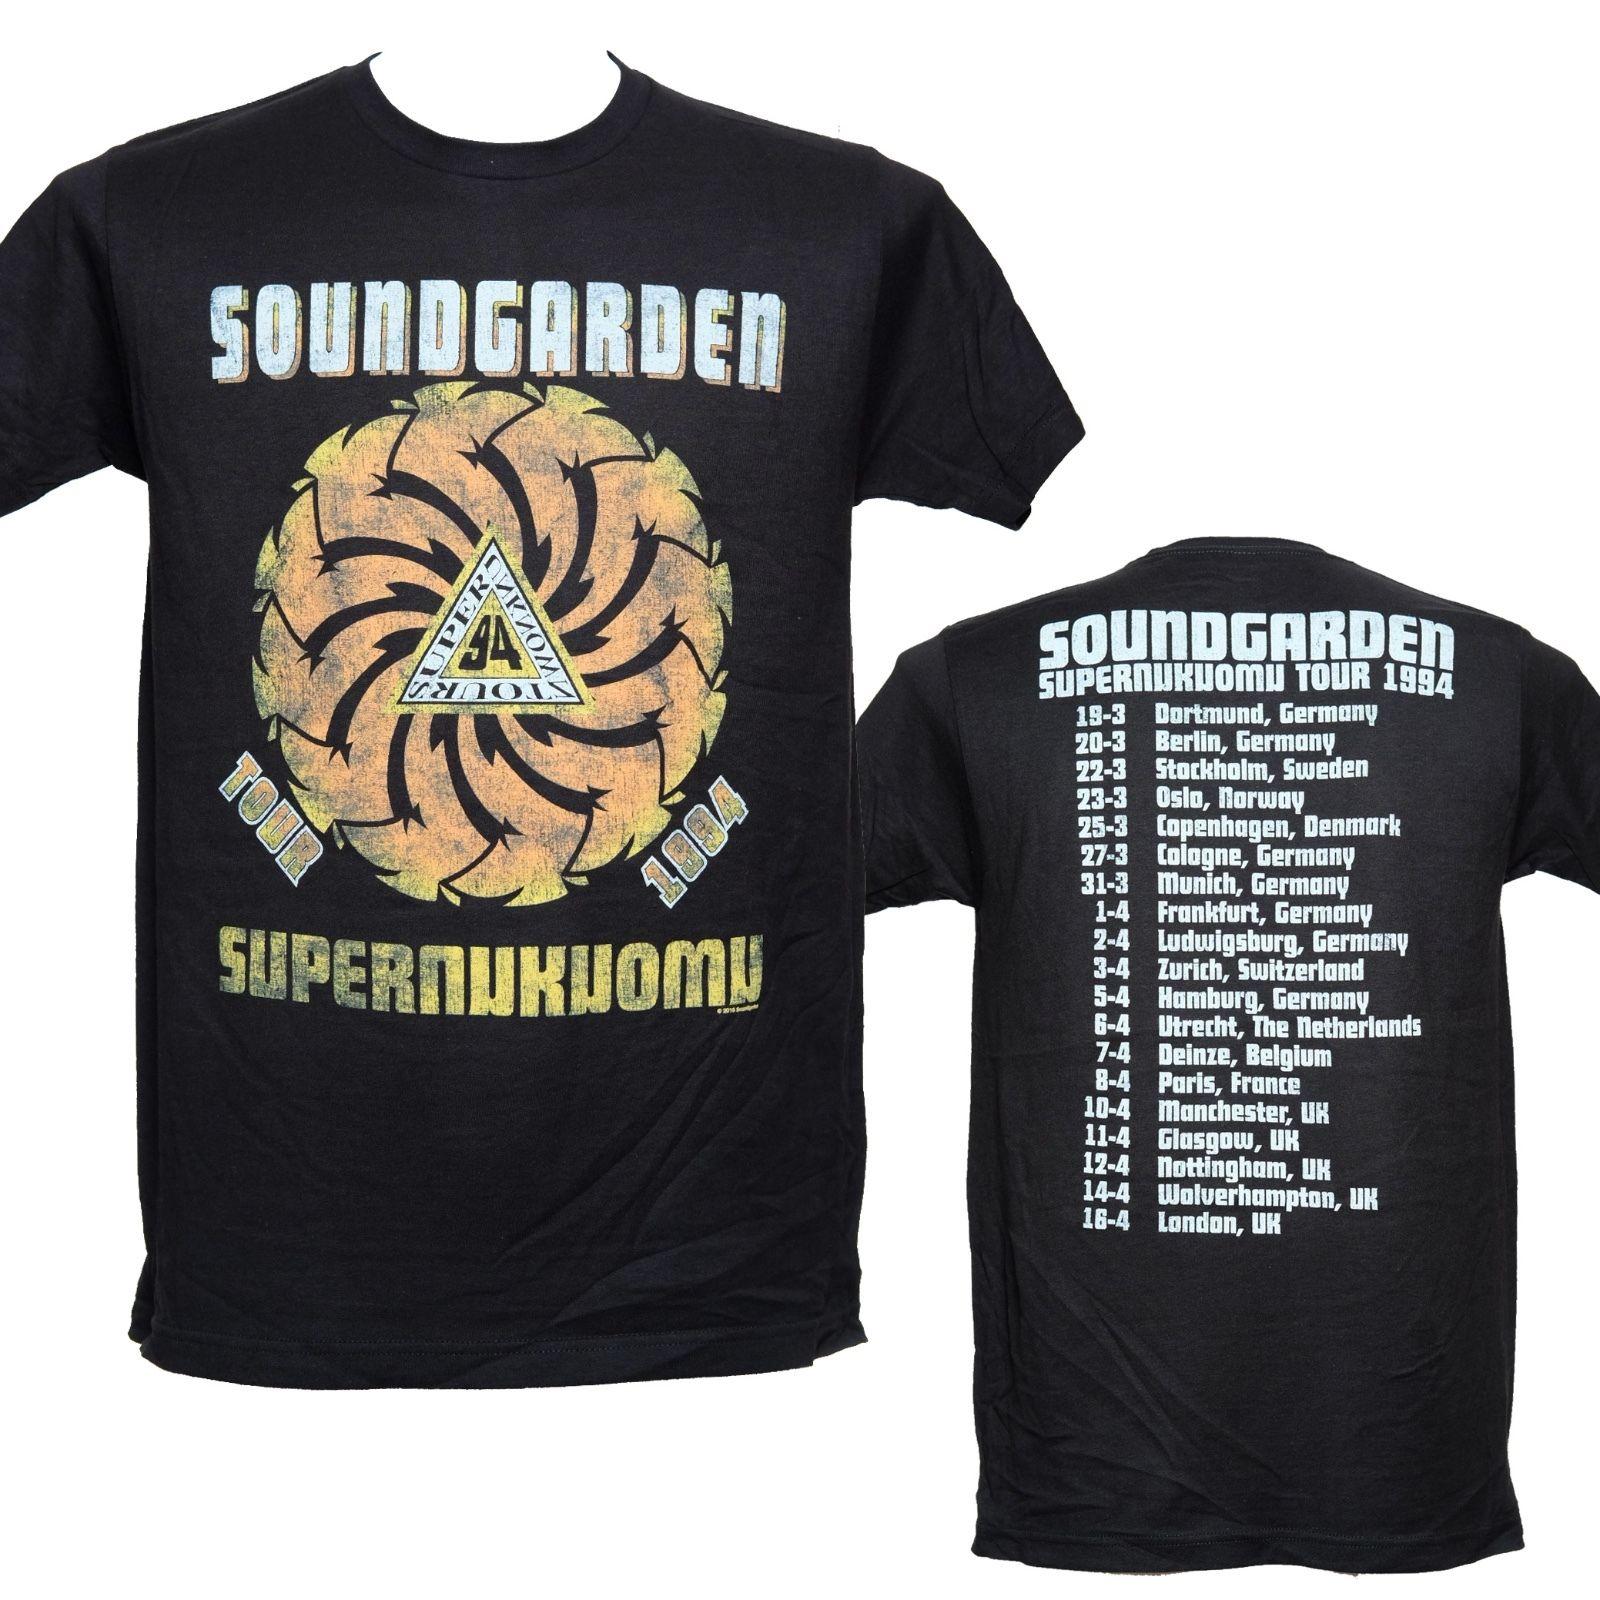 SOUNDGARDEN-SUPERUNKNOWN TOUR 1994-camiseta oficial más reciente 2018 moda Stranger Things camiseta hombres